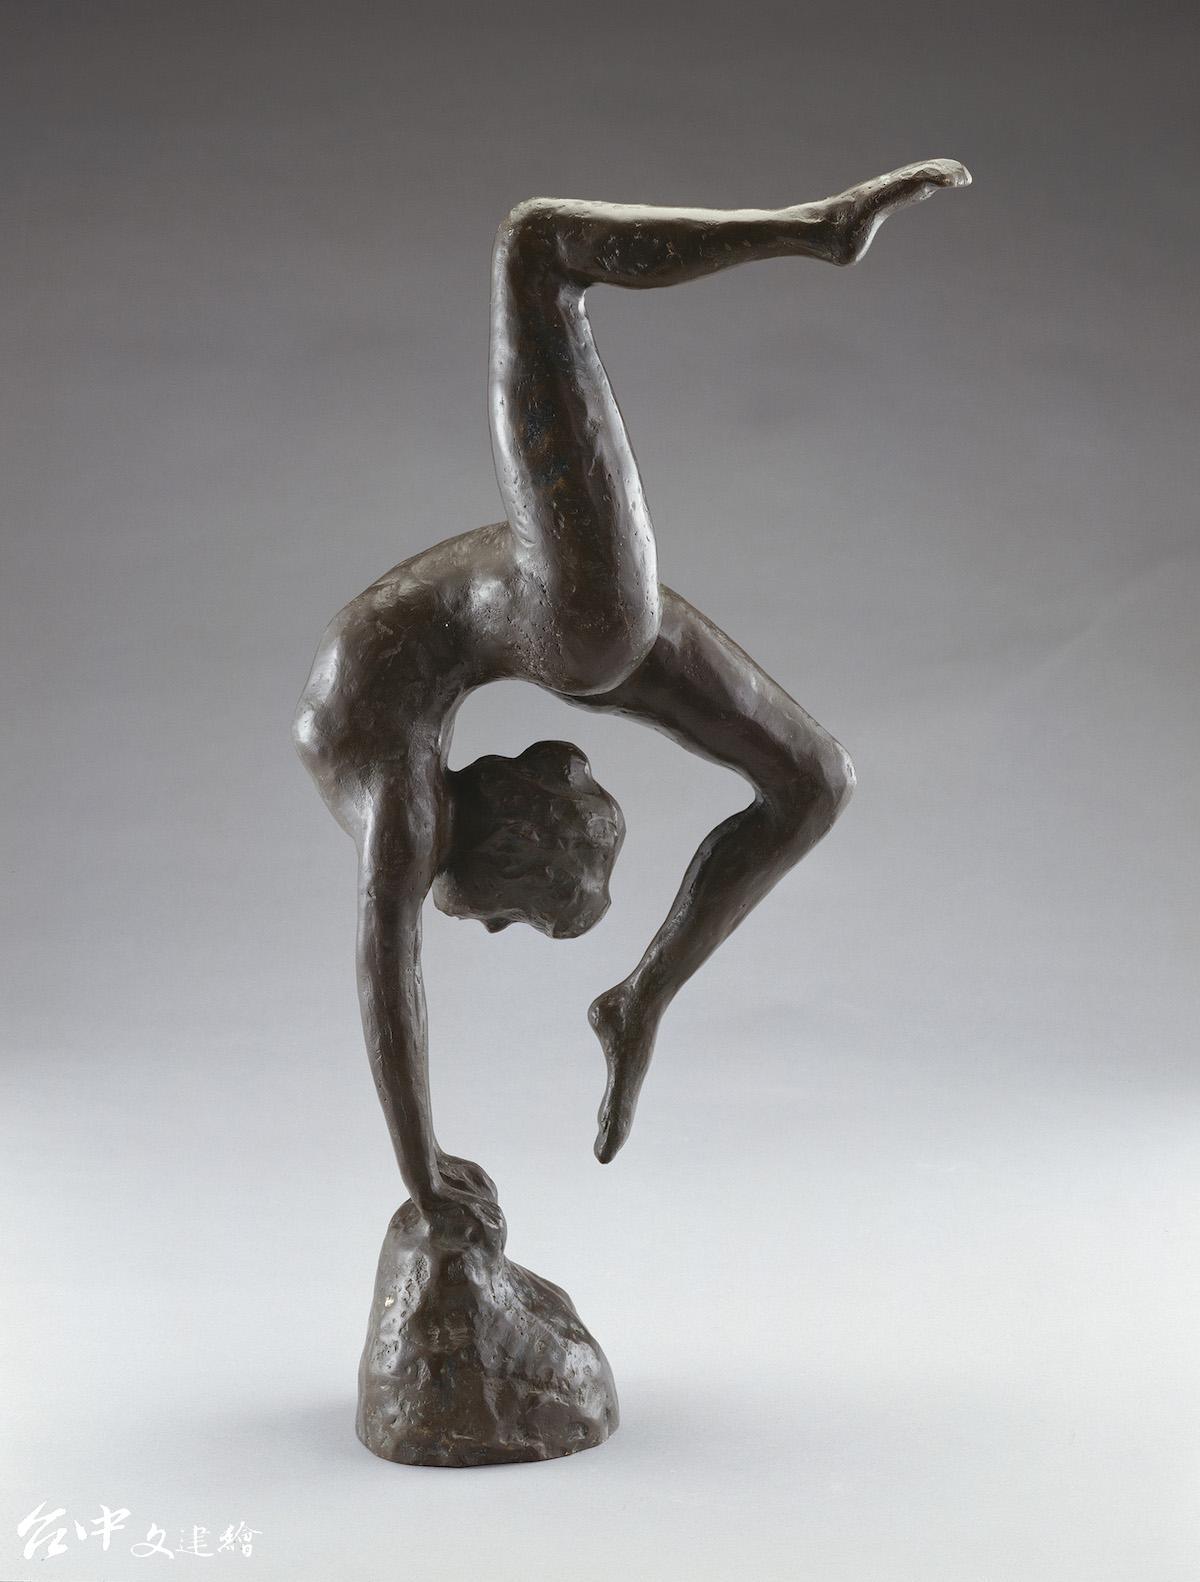 蒲添生,「運動系列」之四,青銅,54X28X43cm,1988。(圖:國美館)